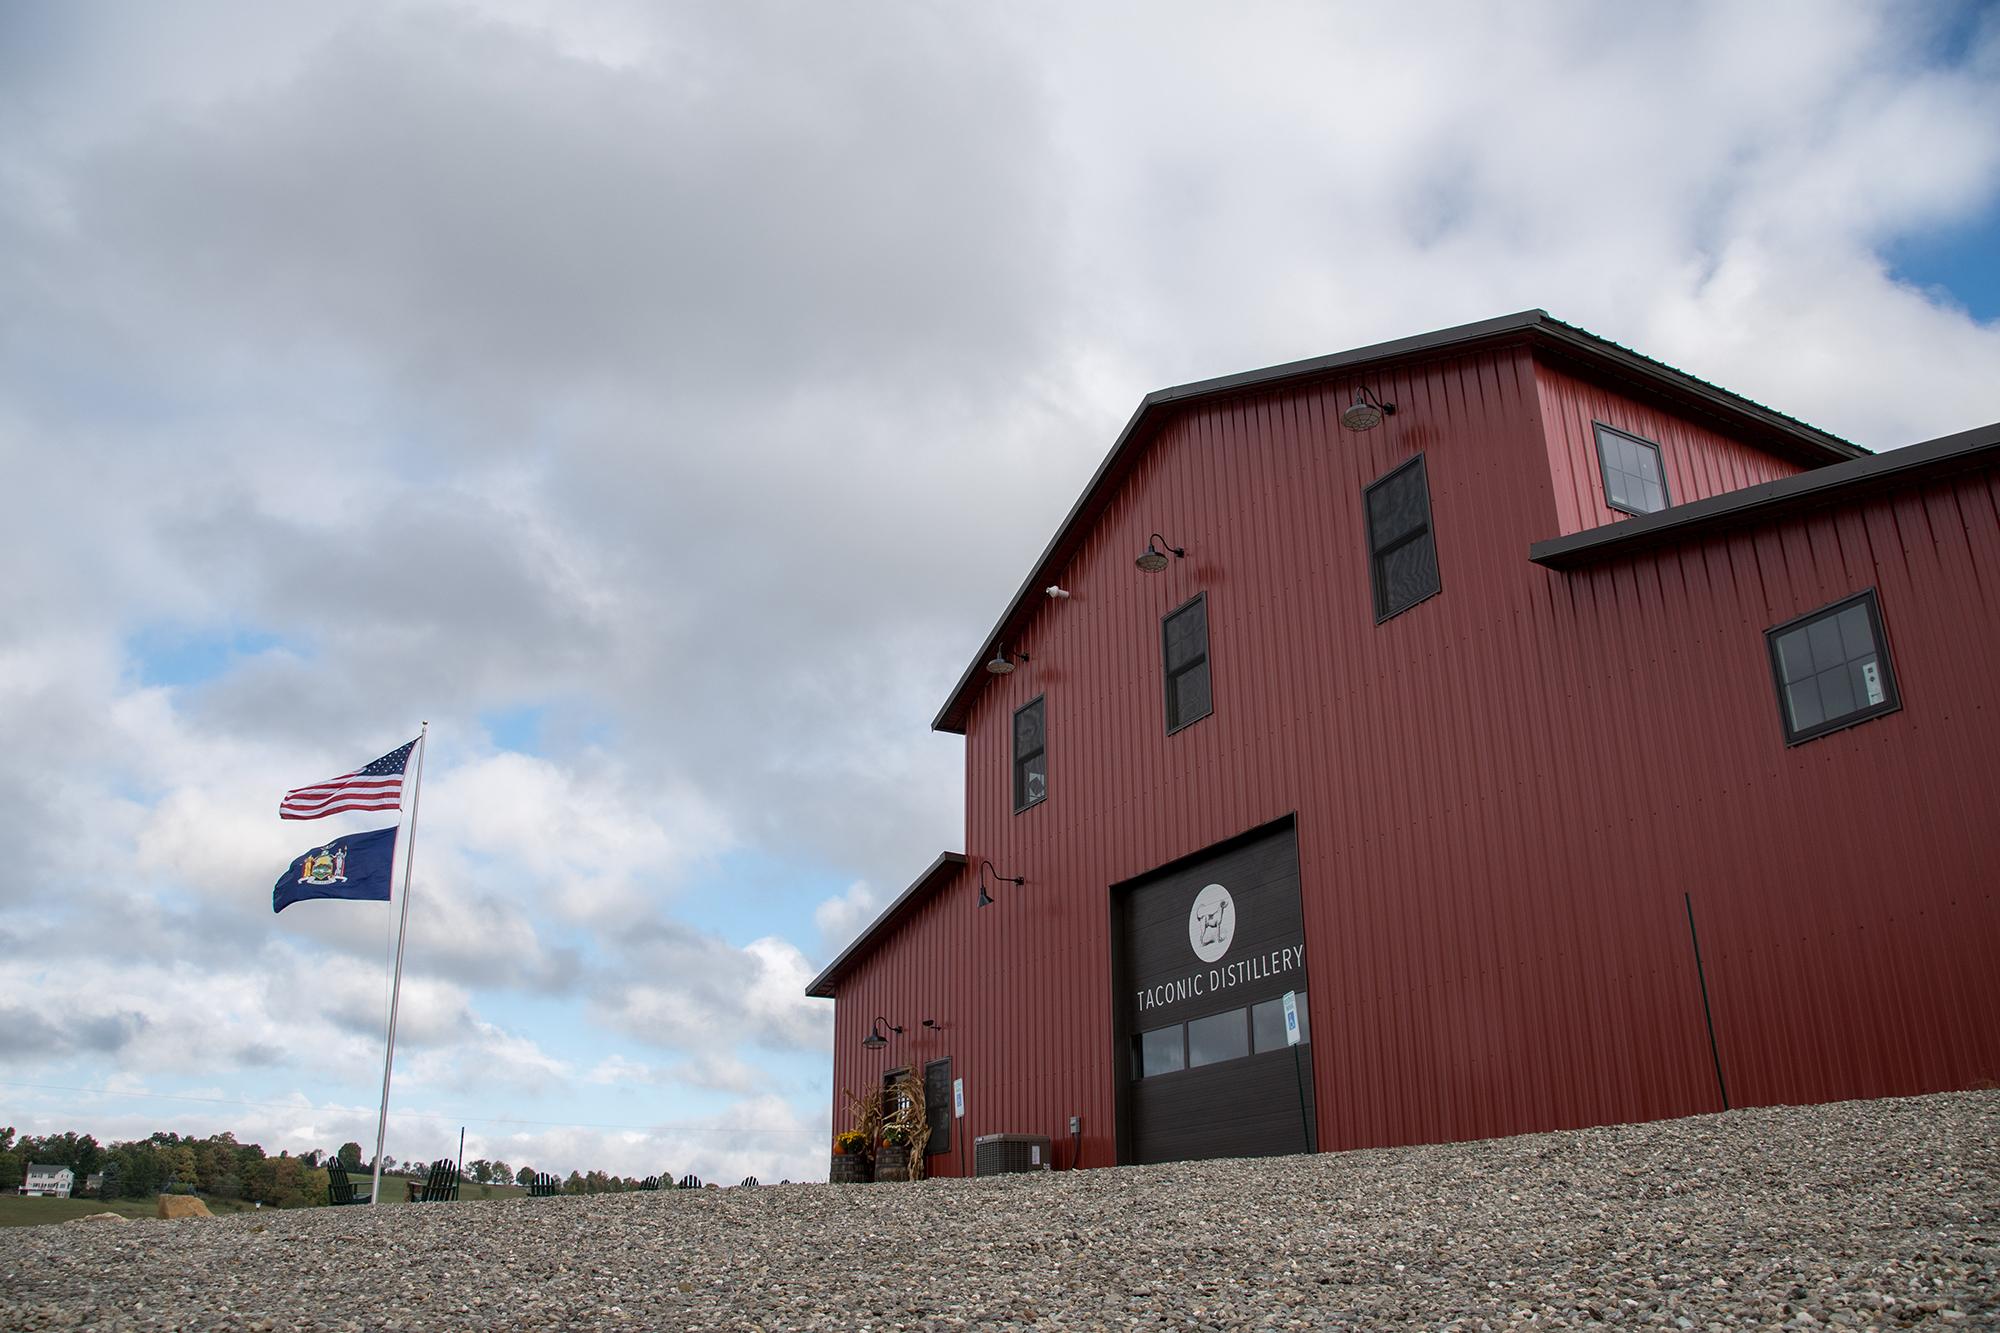 Taconic Distillery Building.jpg